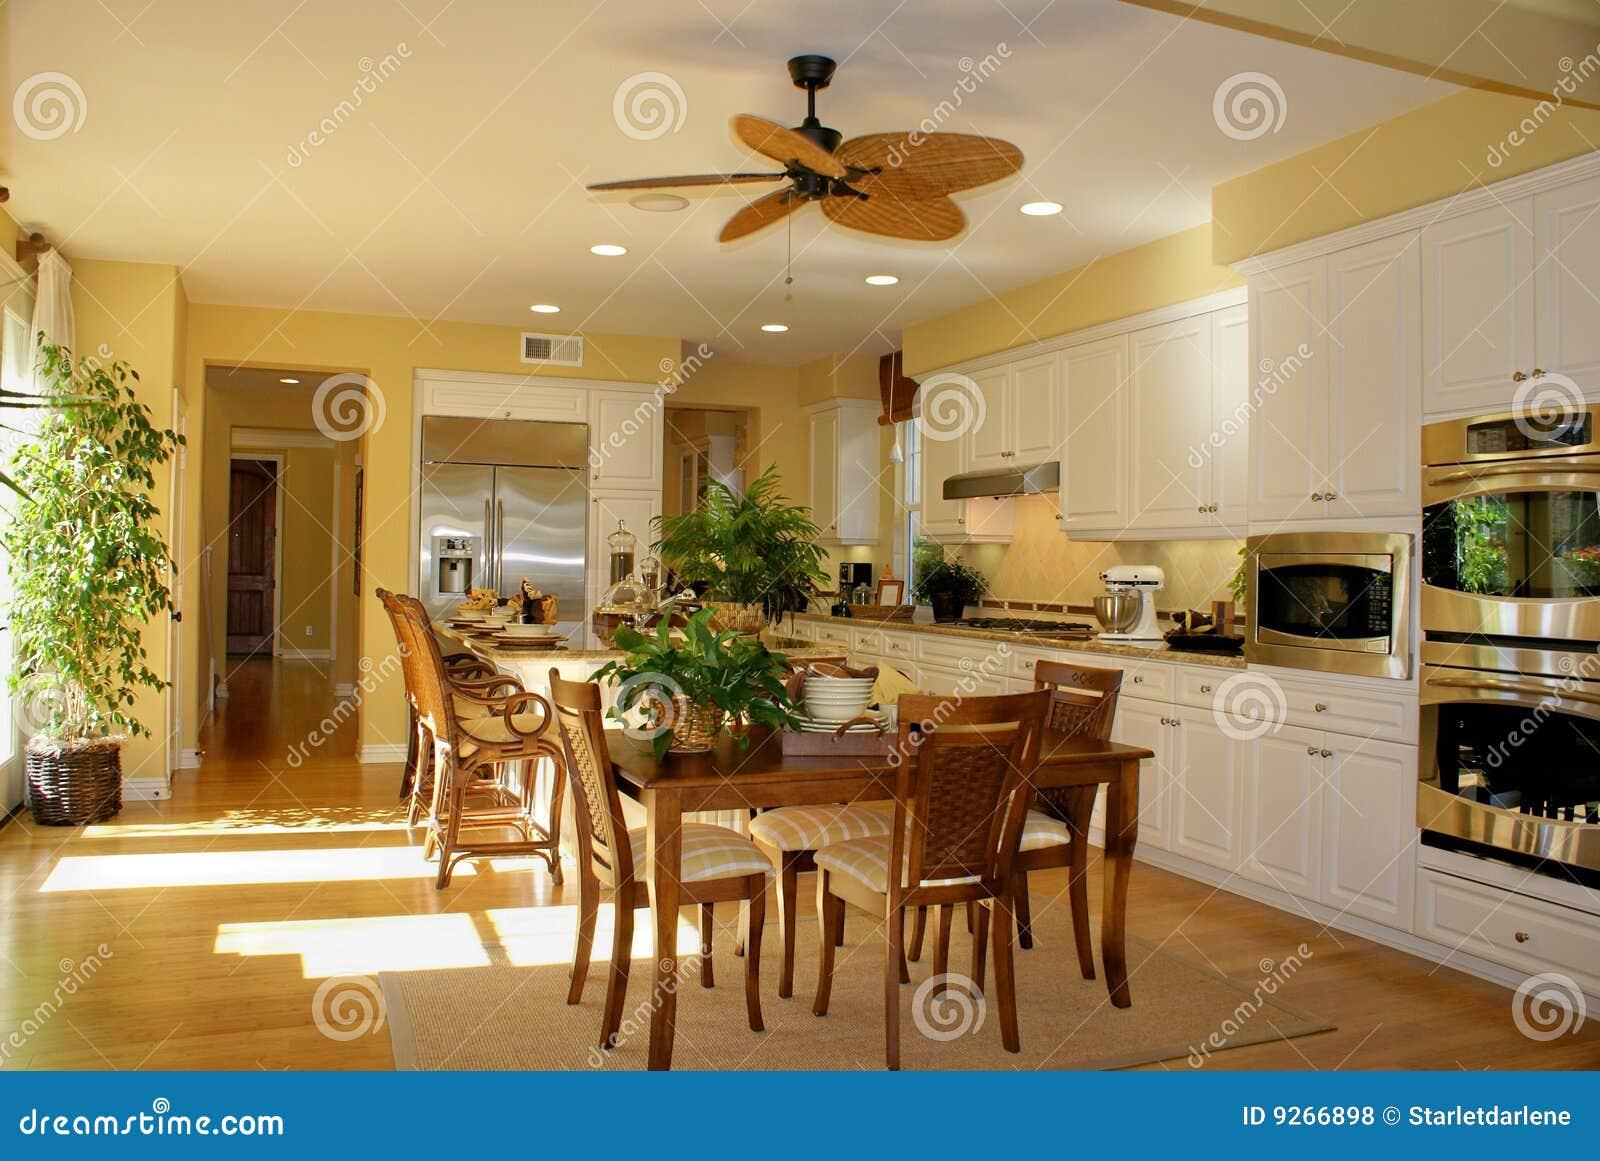 Colore soggiorno giallo idee per il design della casa - Colore per casa ...